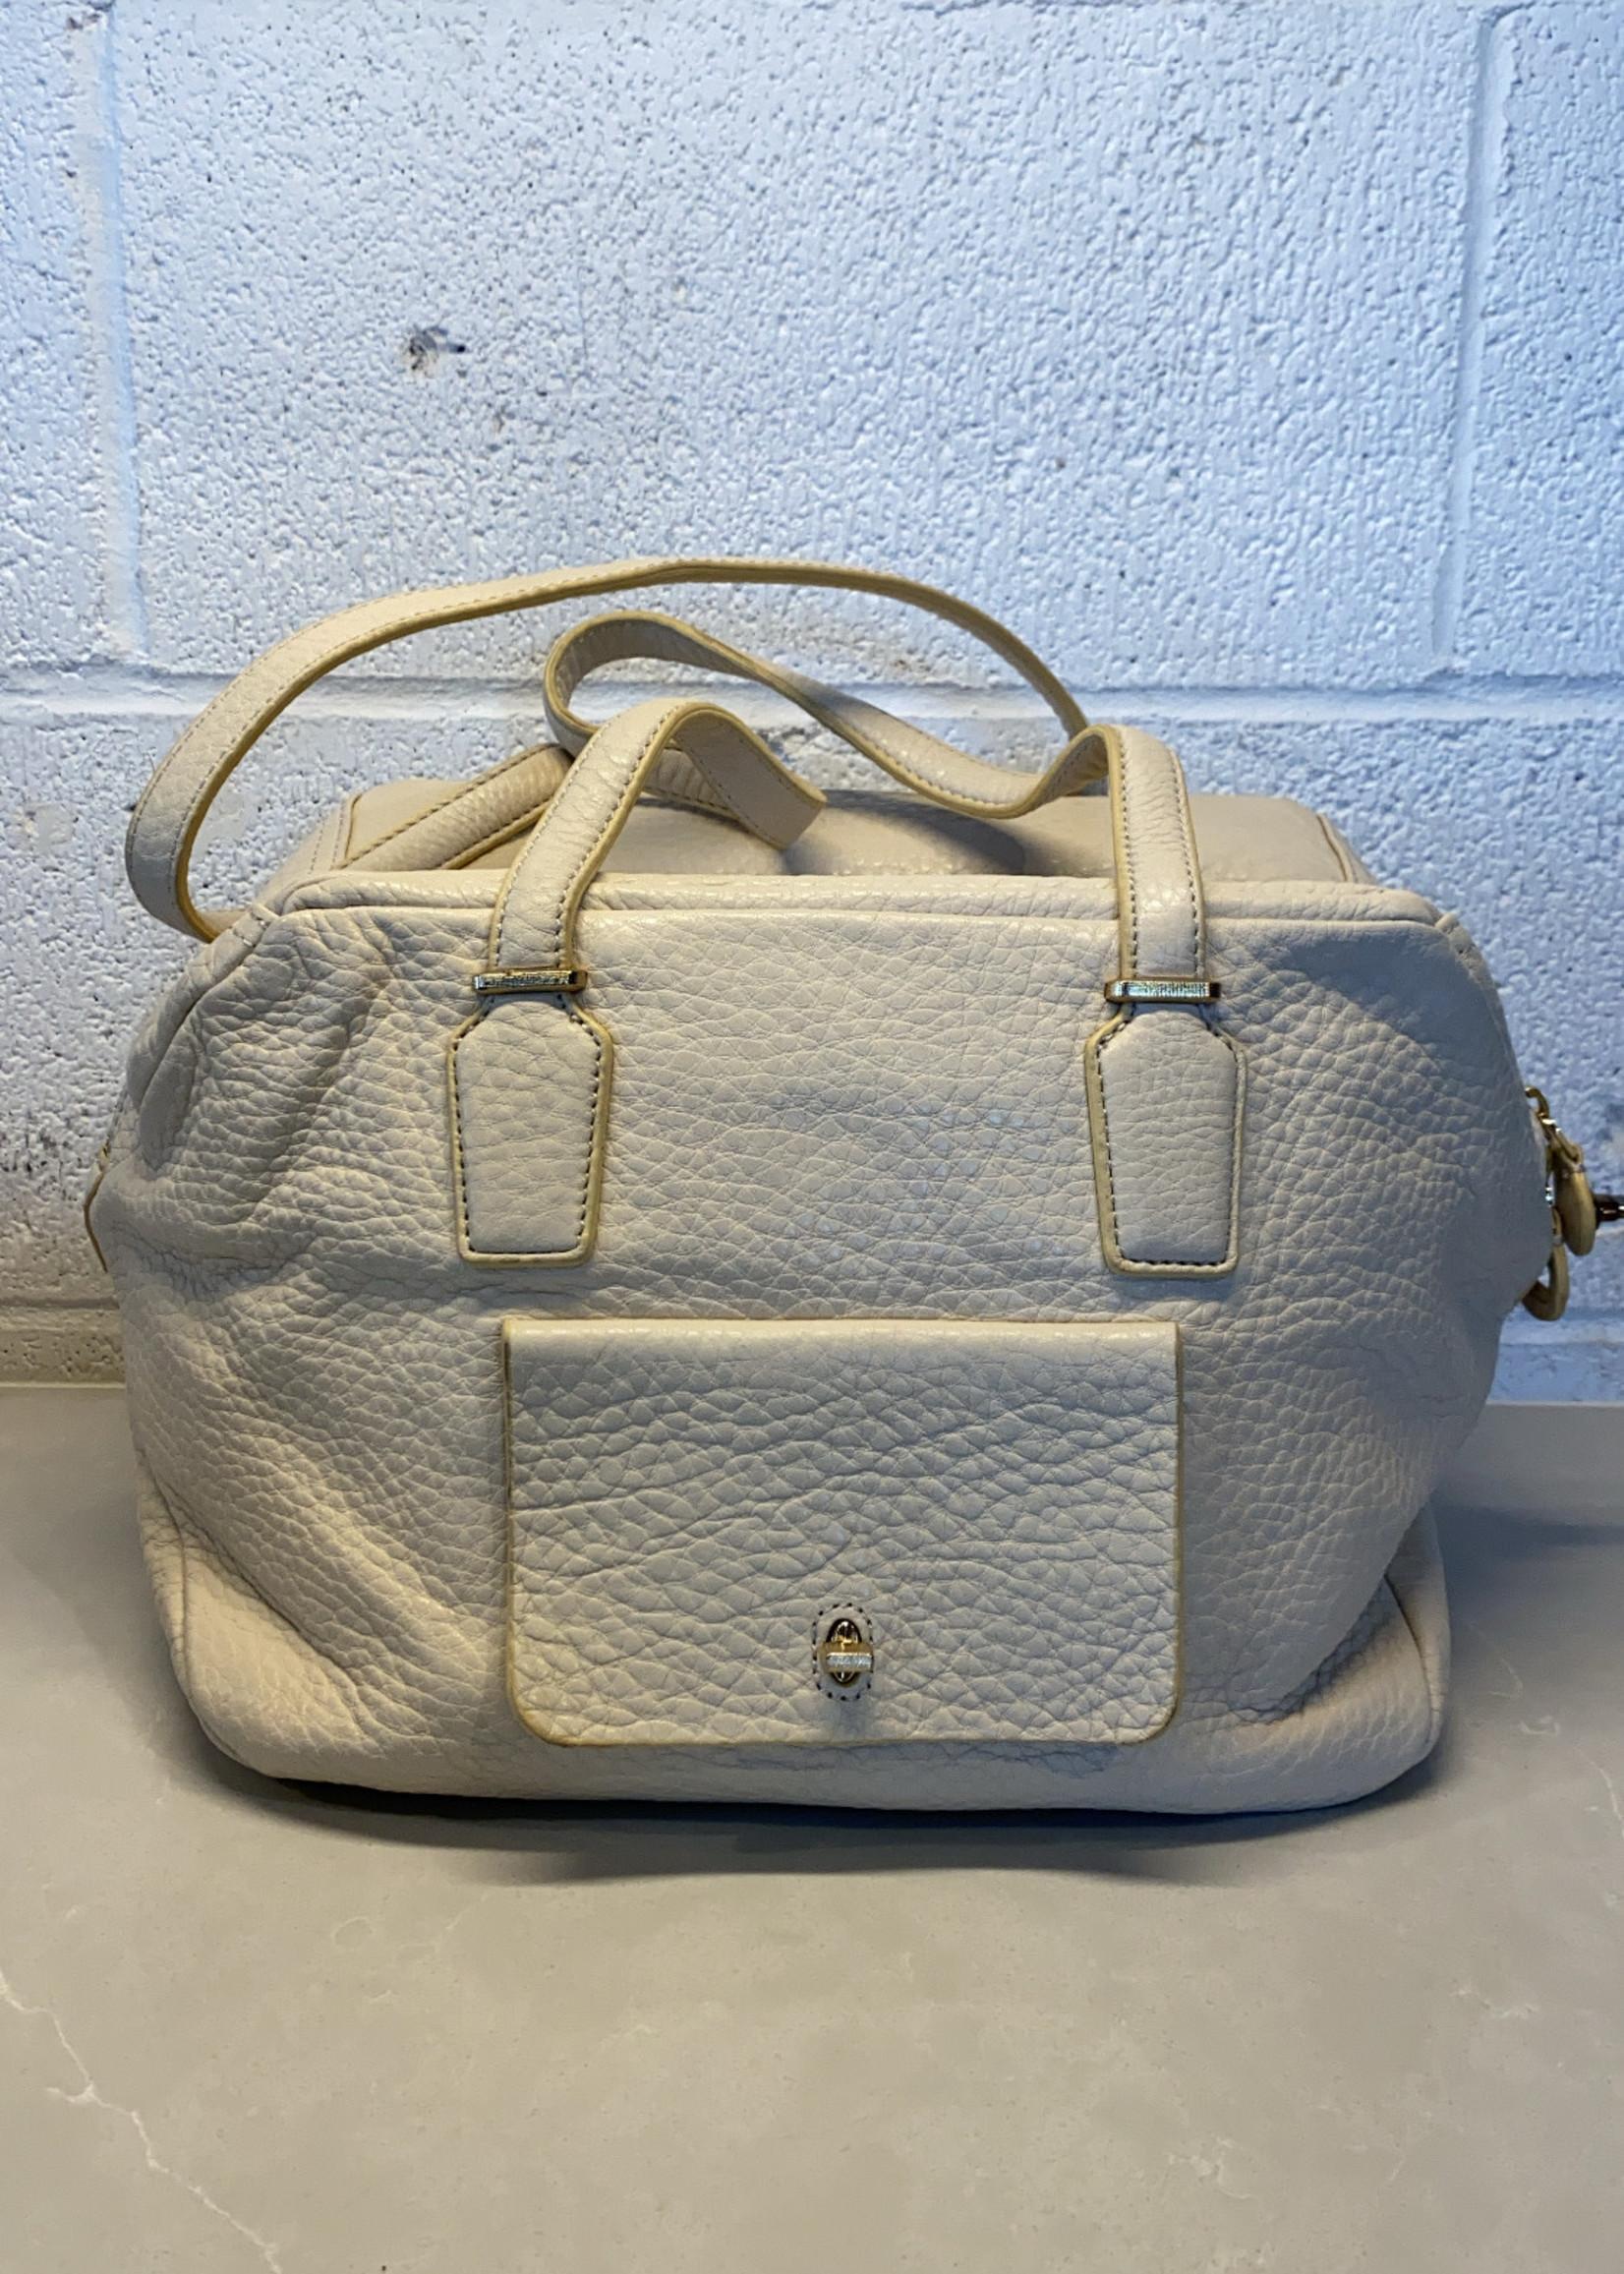 Etienne Agner Ivory Leather Handbag